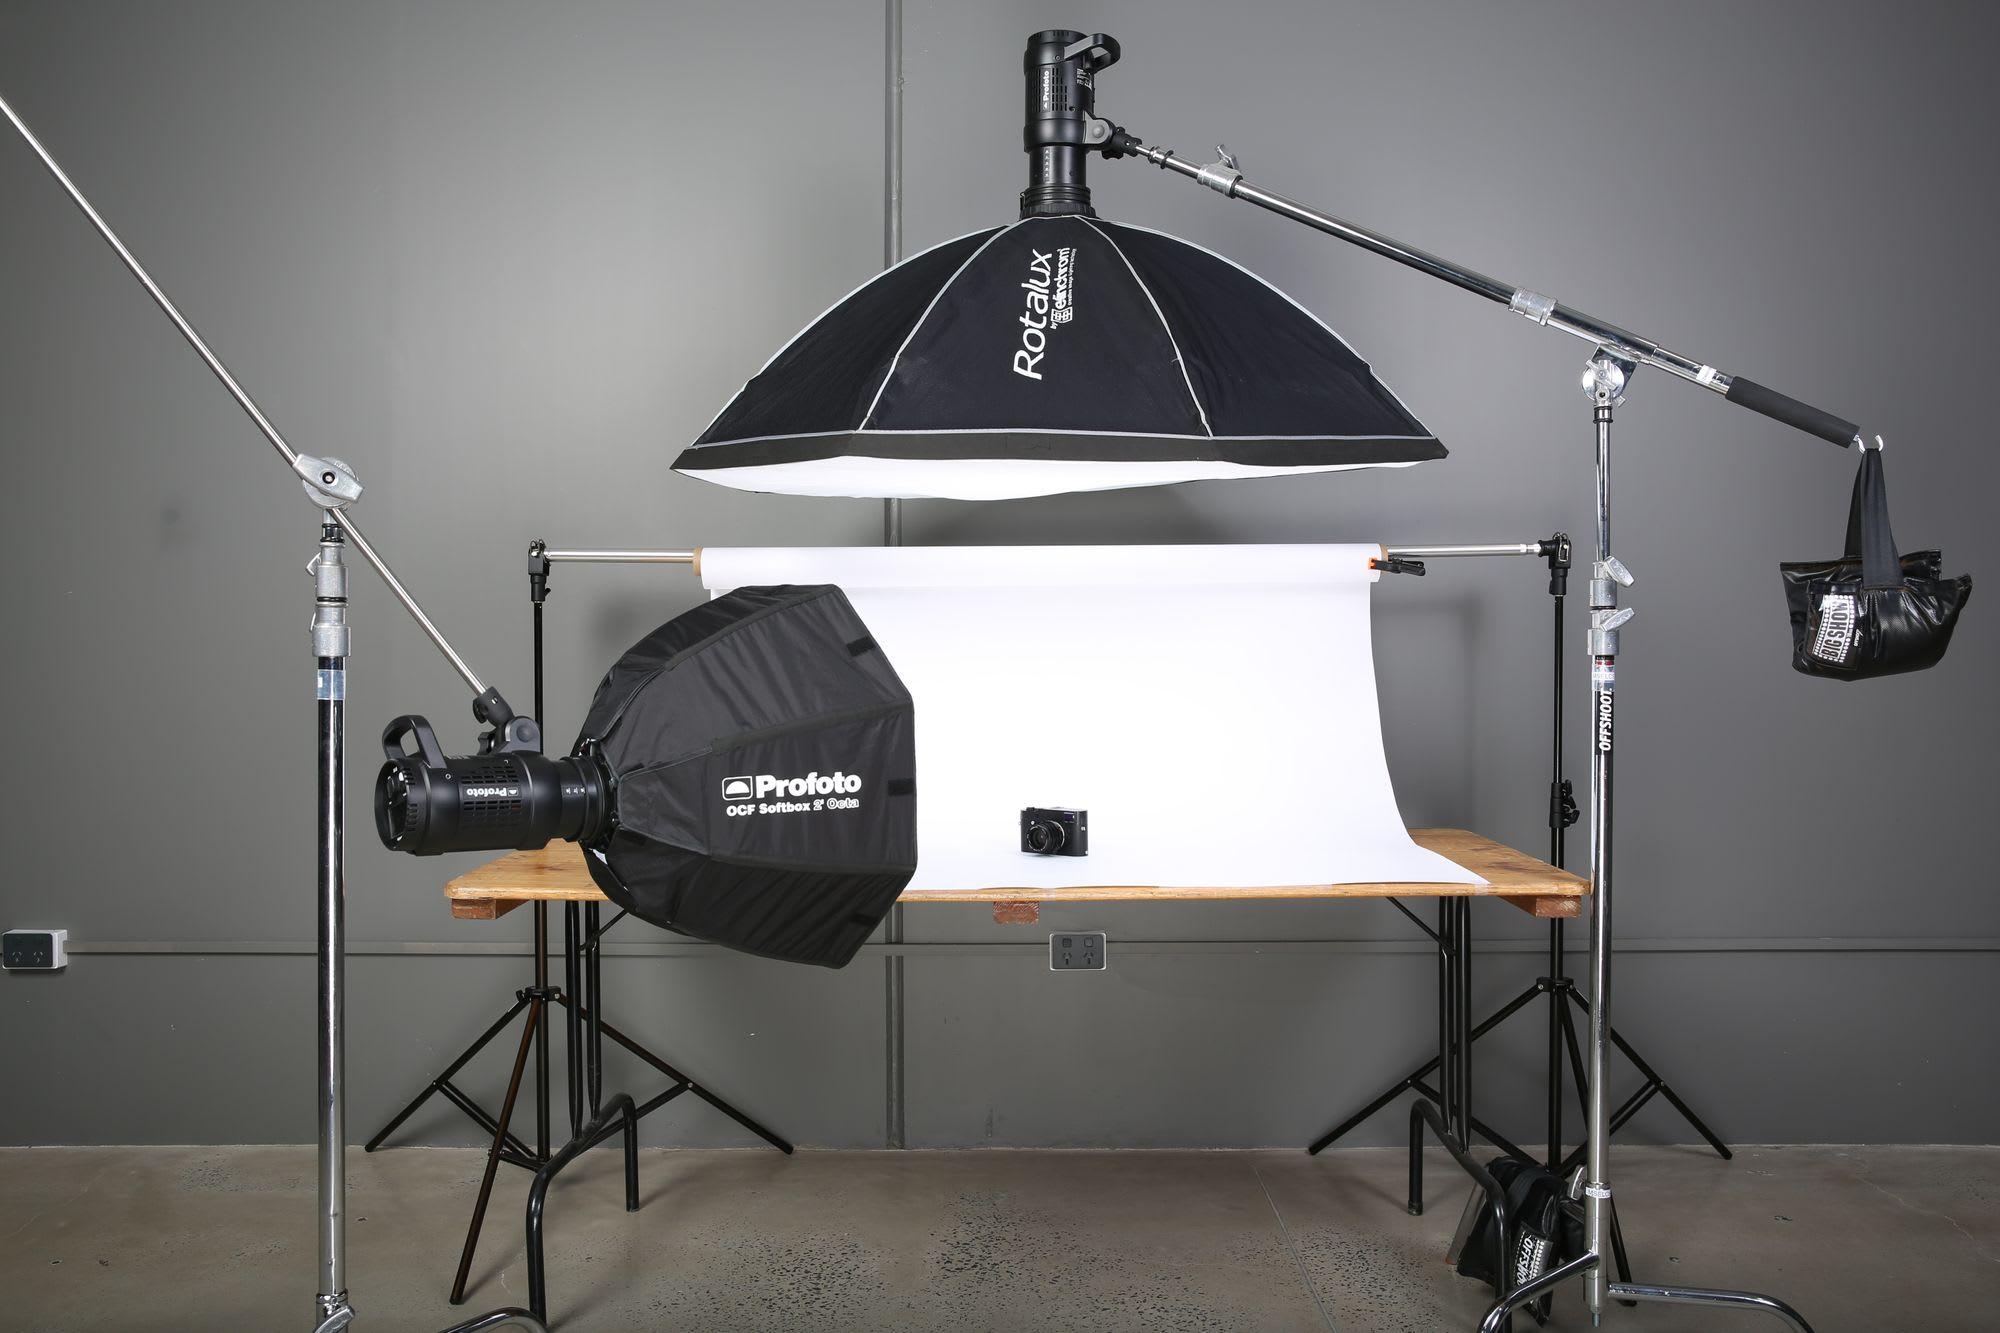 ürün fotoğrafı için ışık